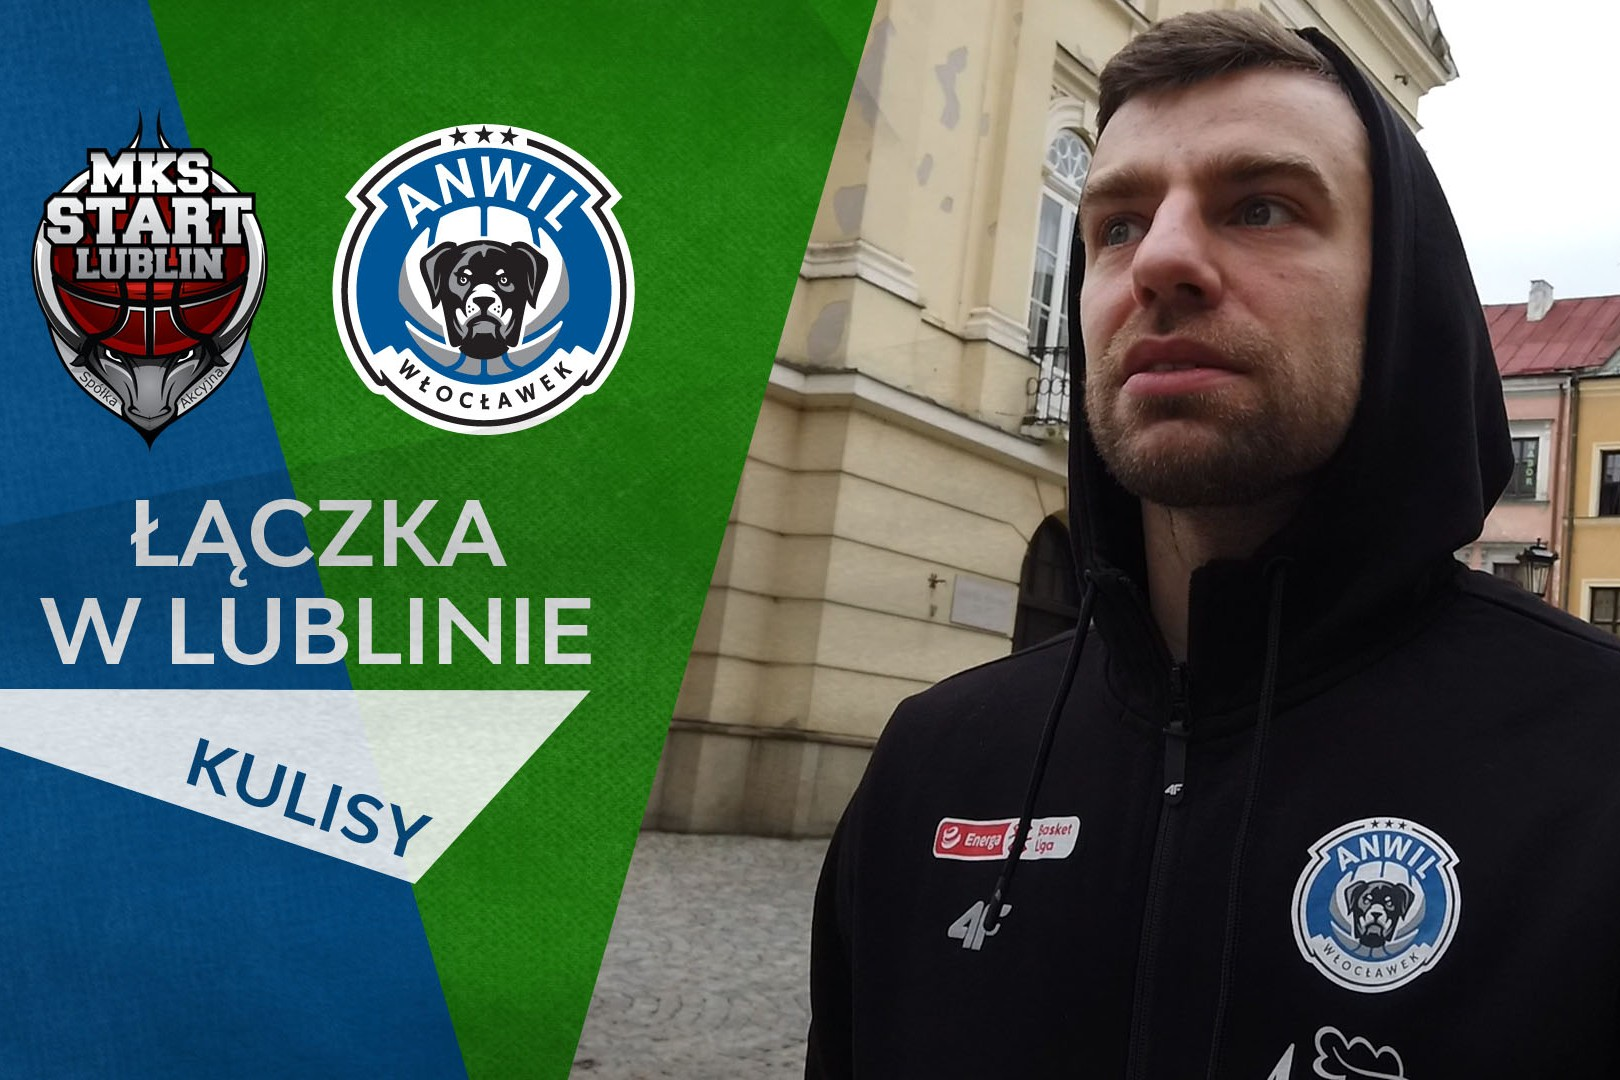 KULISY | Łączka w Lublinie